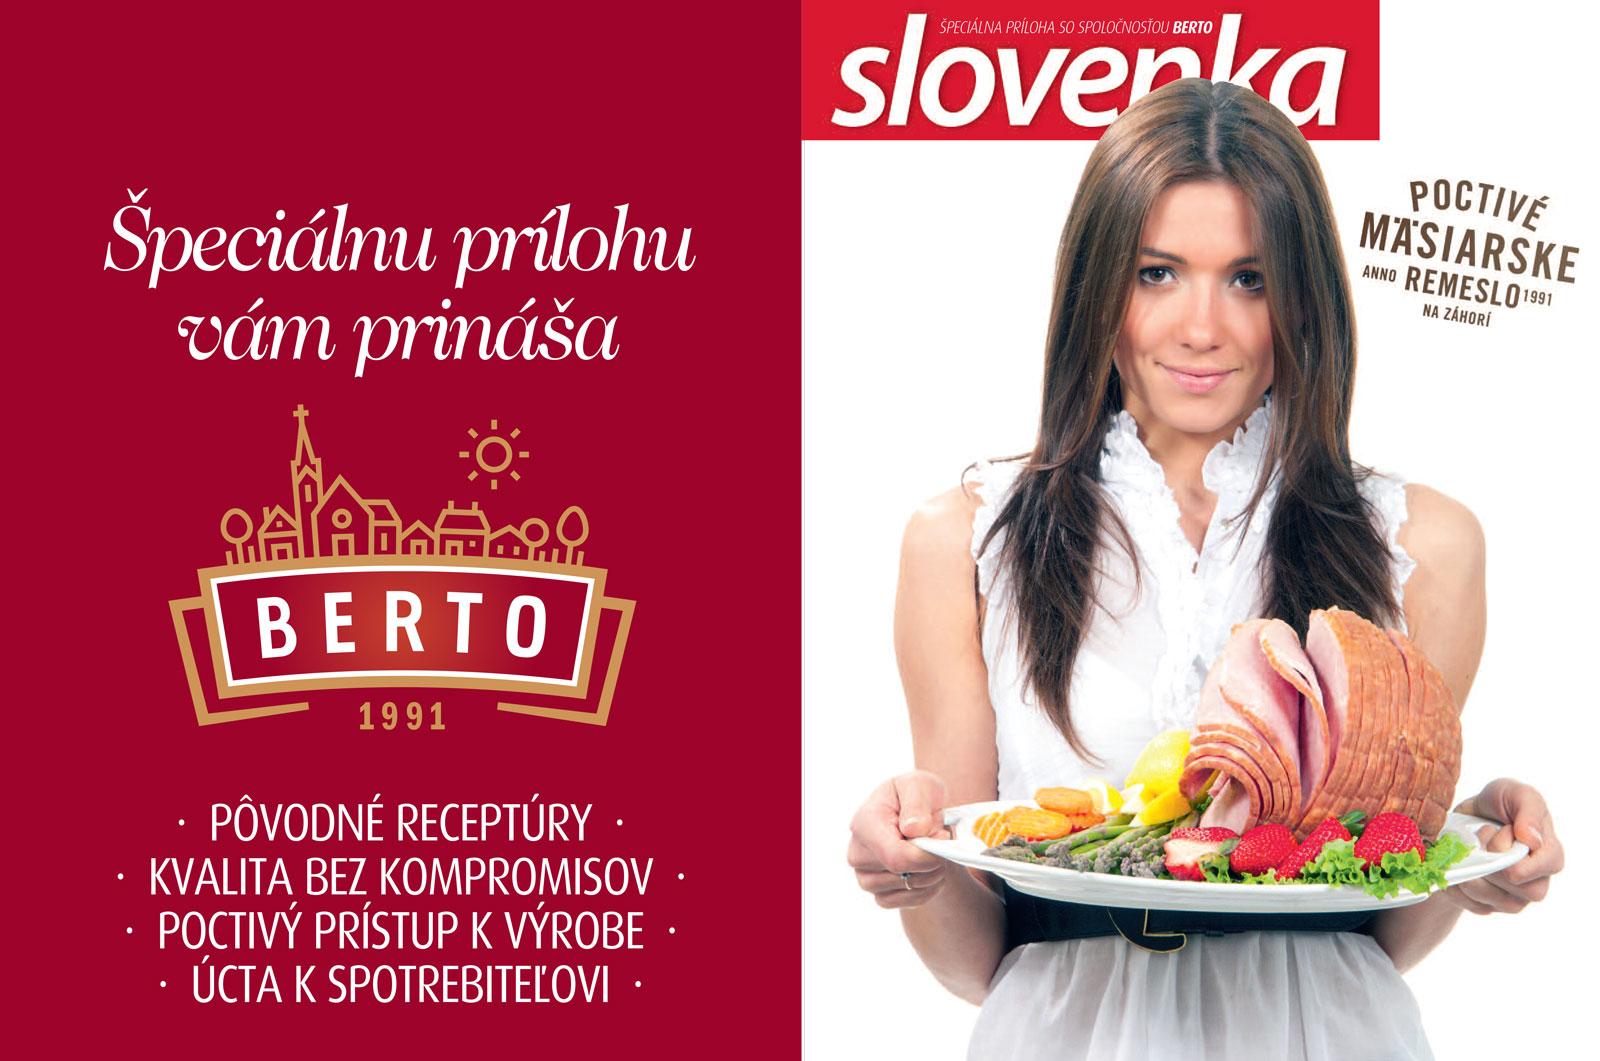 46-54-Priloha-BERTO-final-1